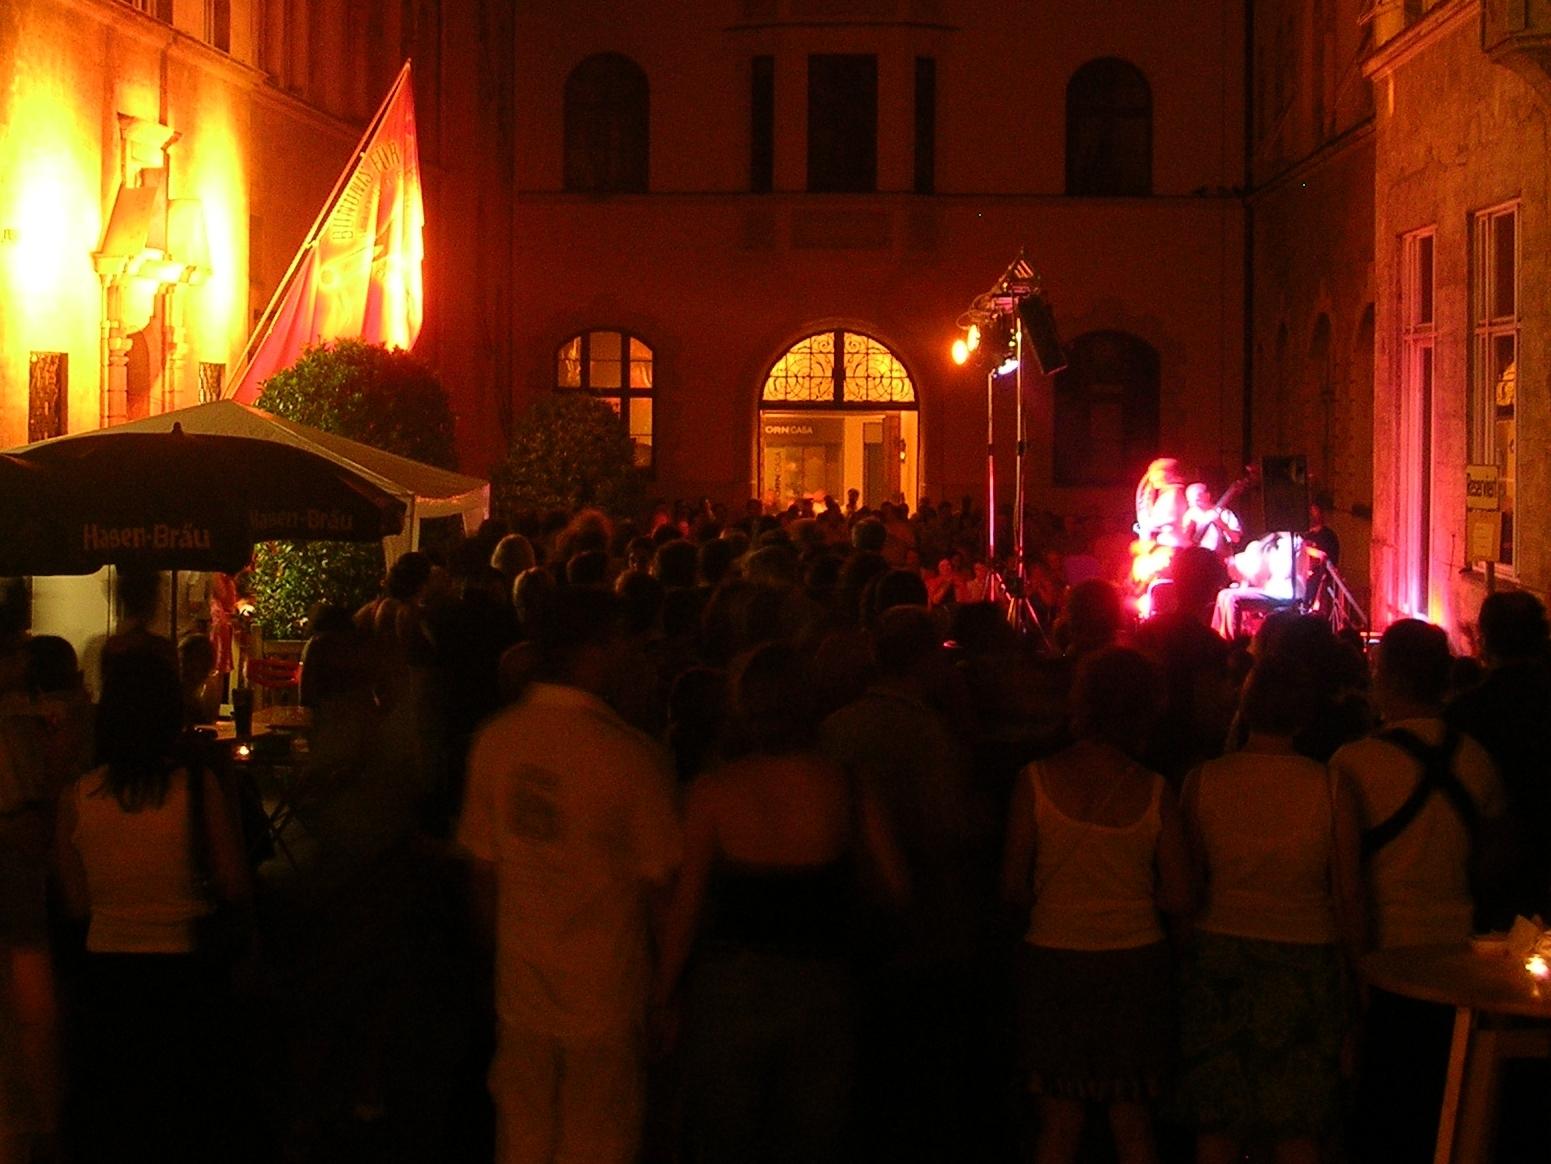 Konzerte im Bürgerhof 2005 - Freiwilligen-Zentrum Augsburg - Foto: Robert Hösle